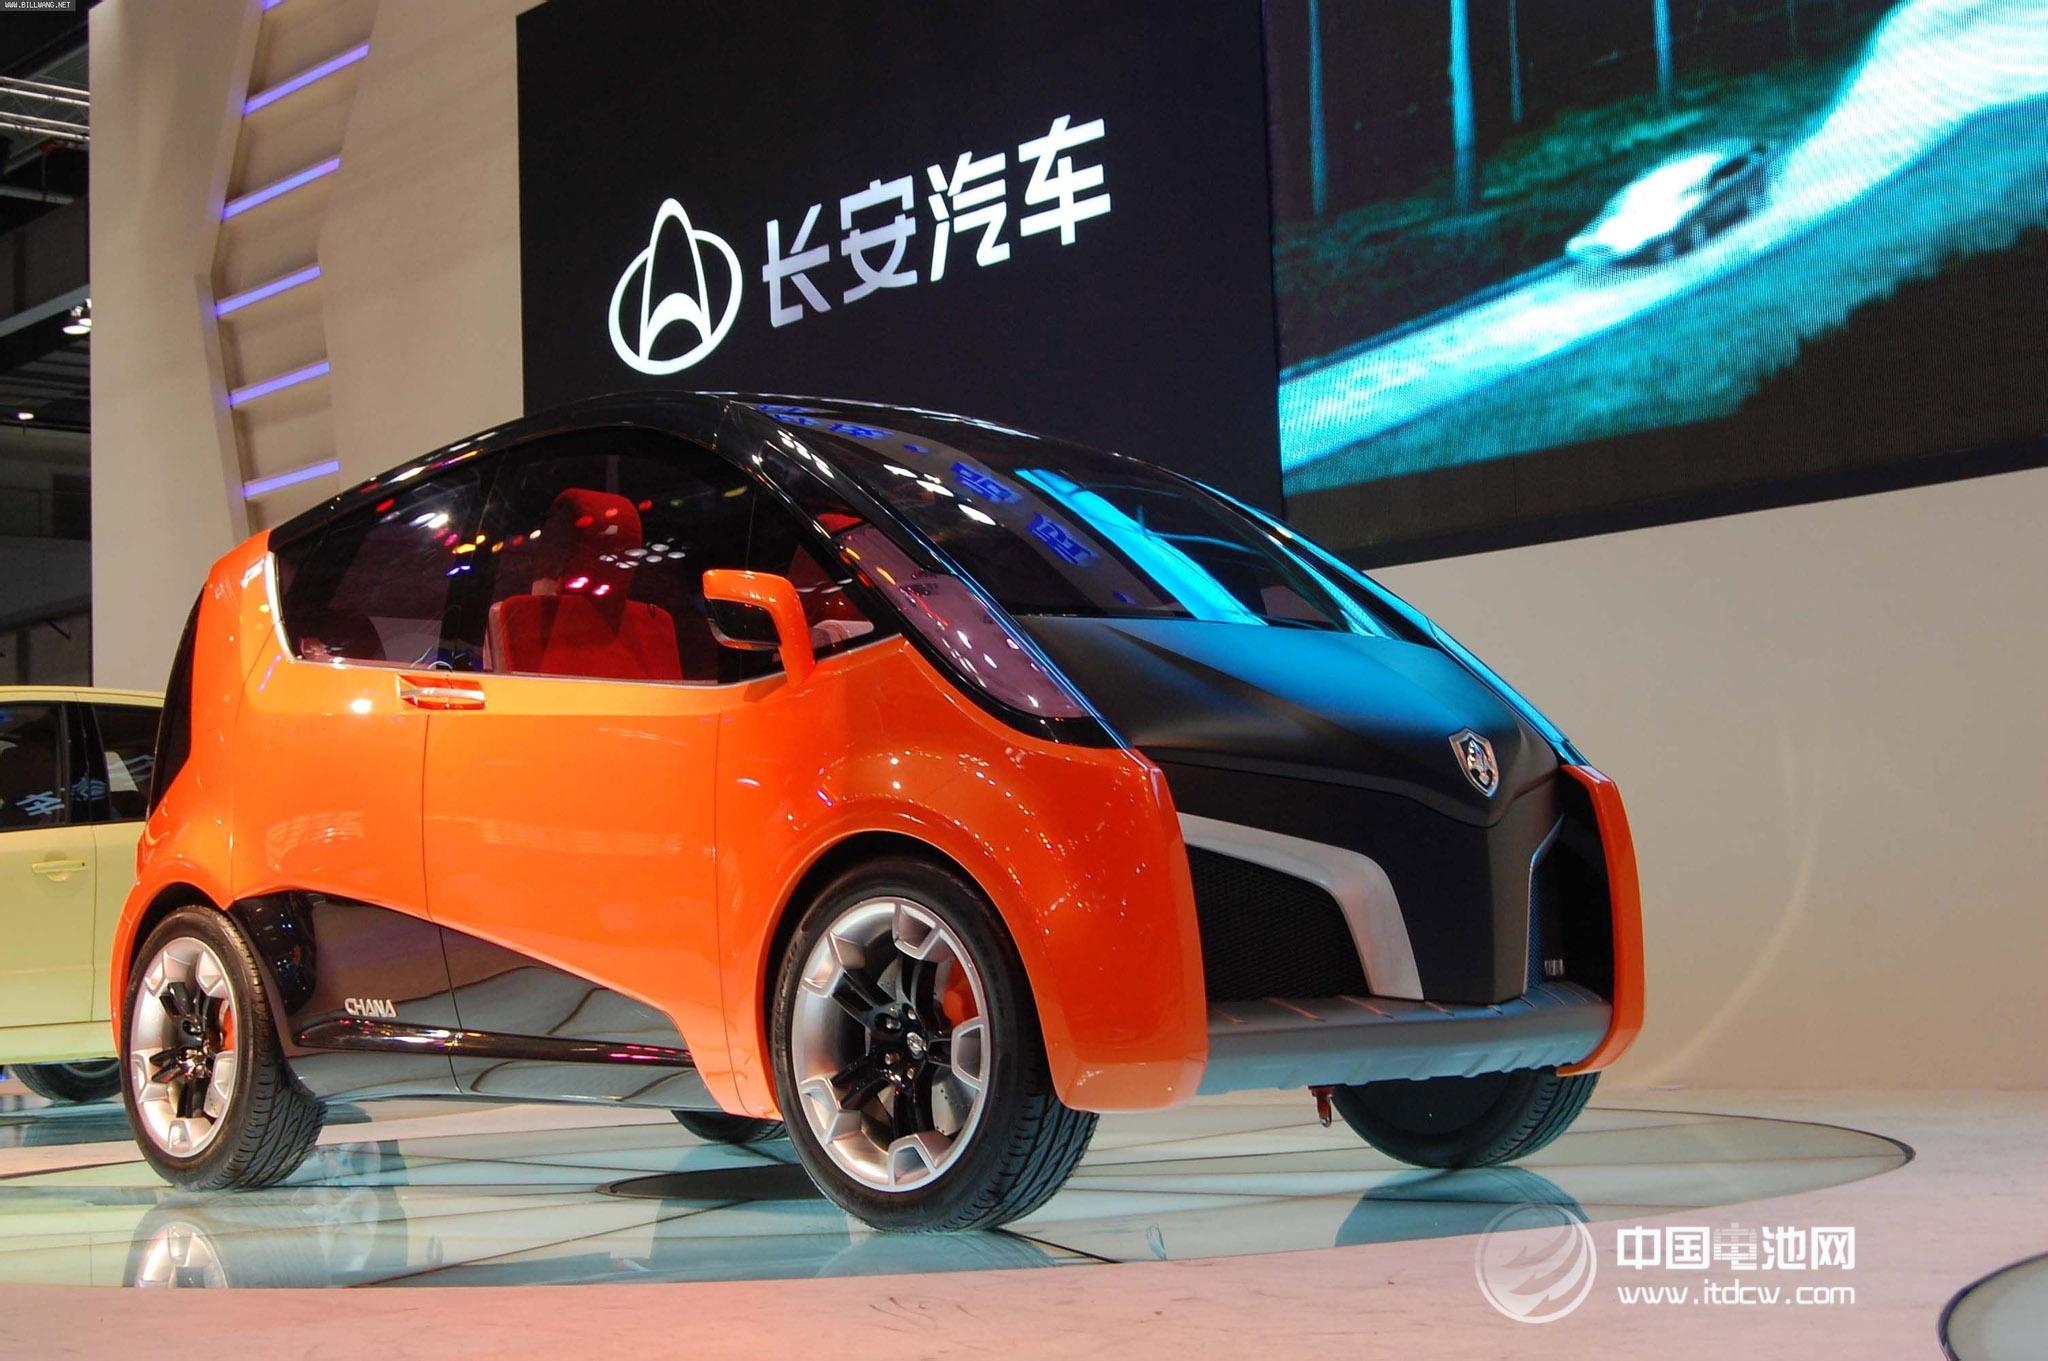 中国电动汽车市场竞争激烈 9企业跻身全球20强